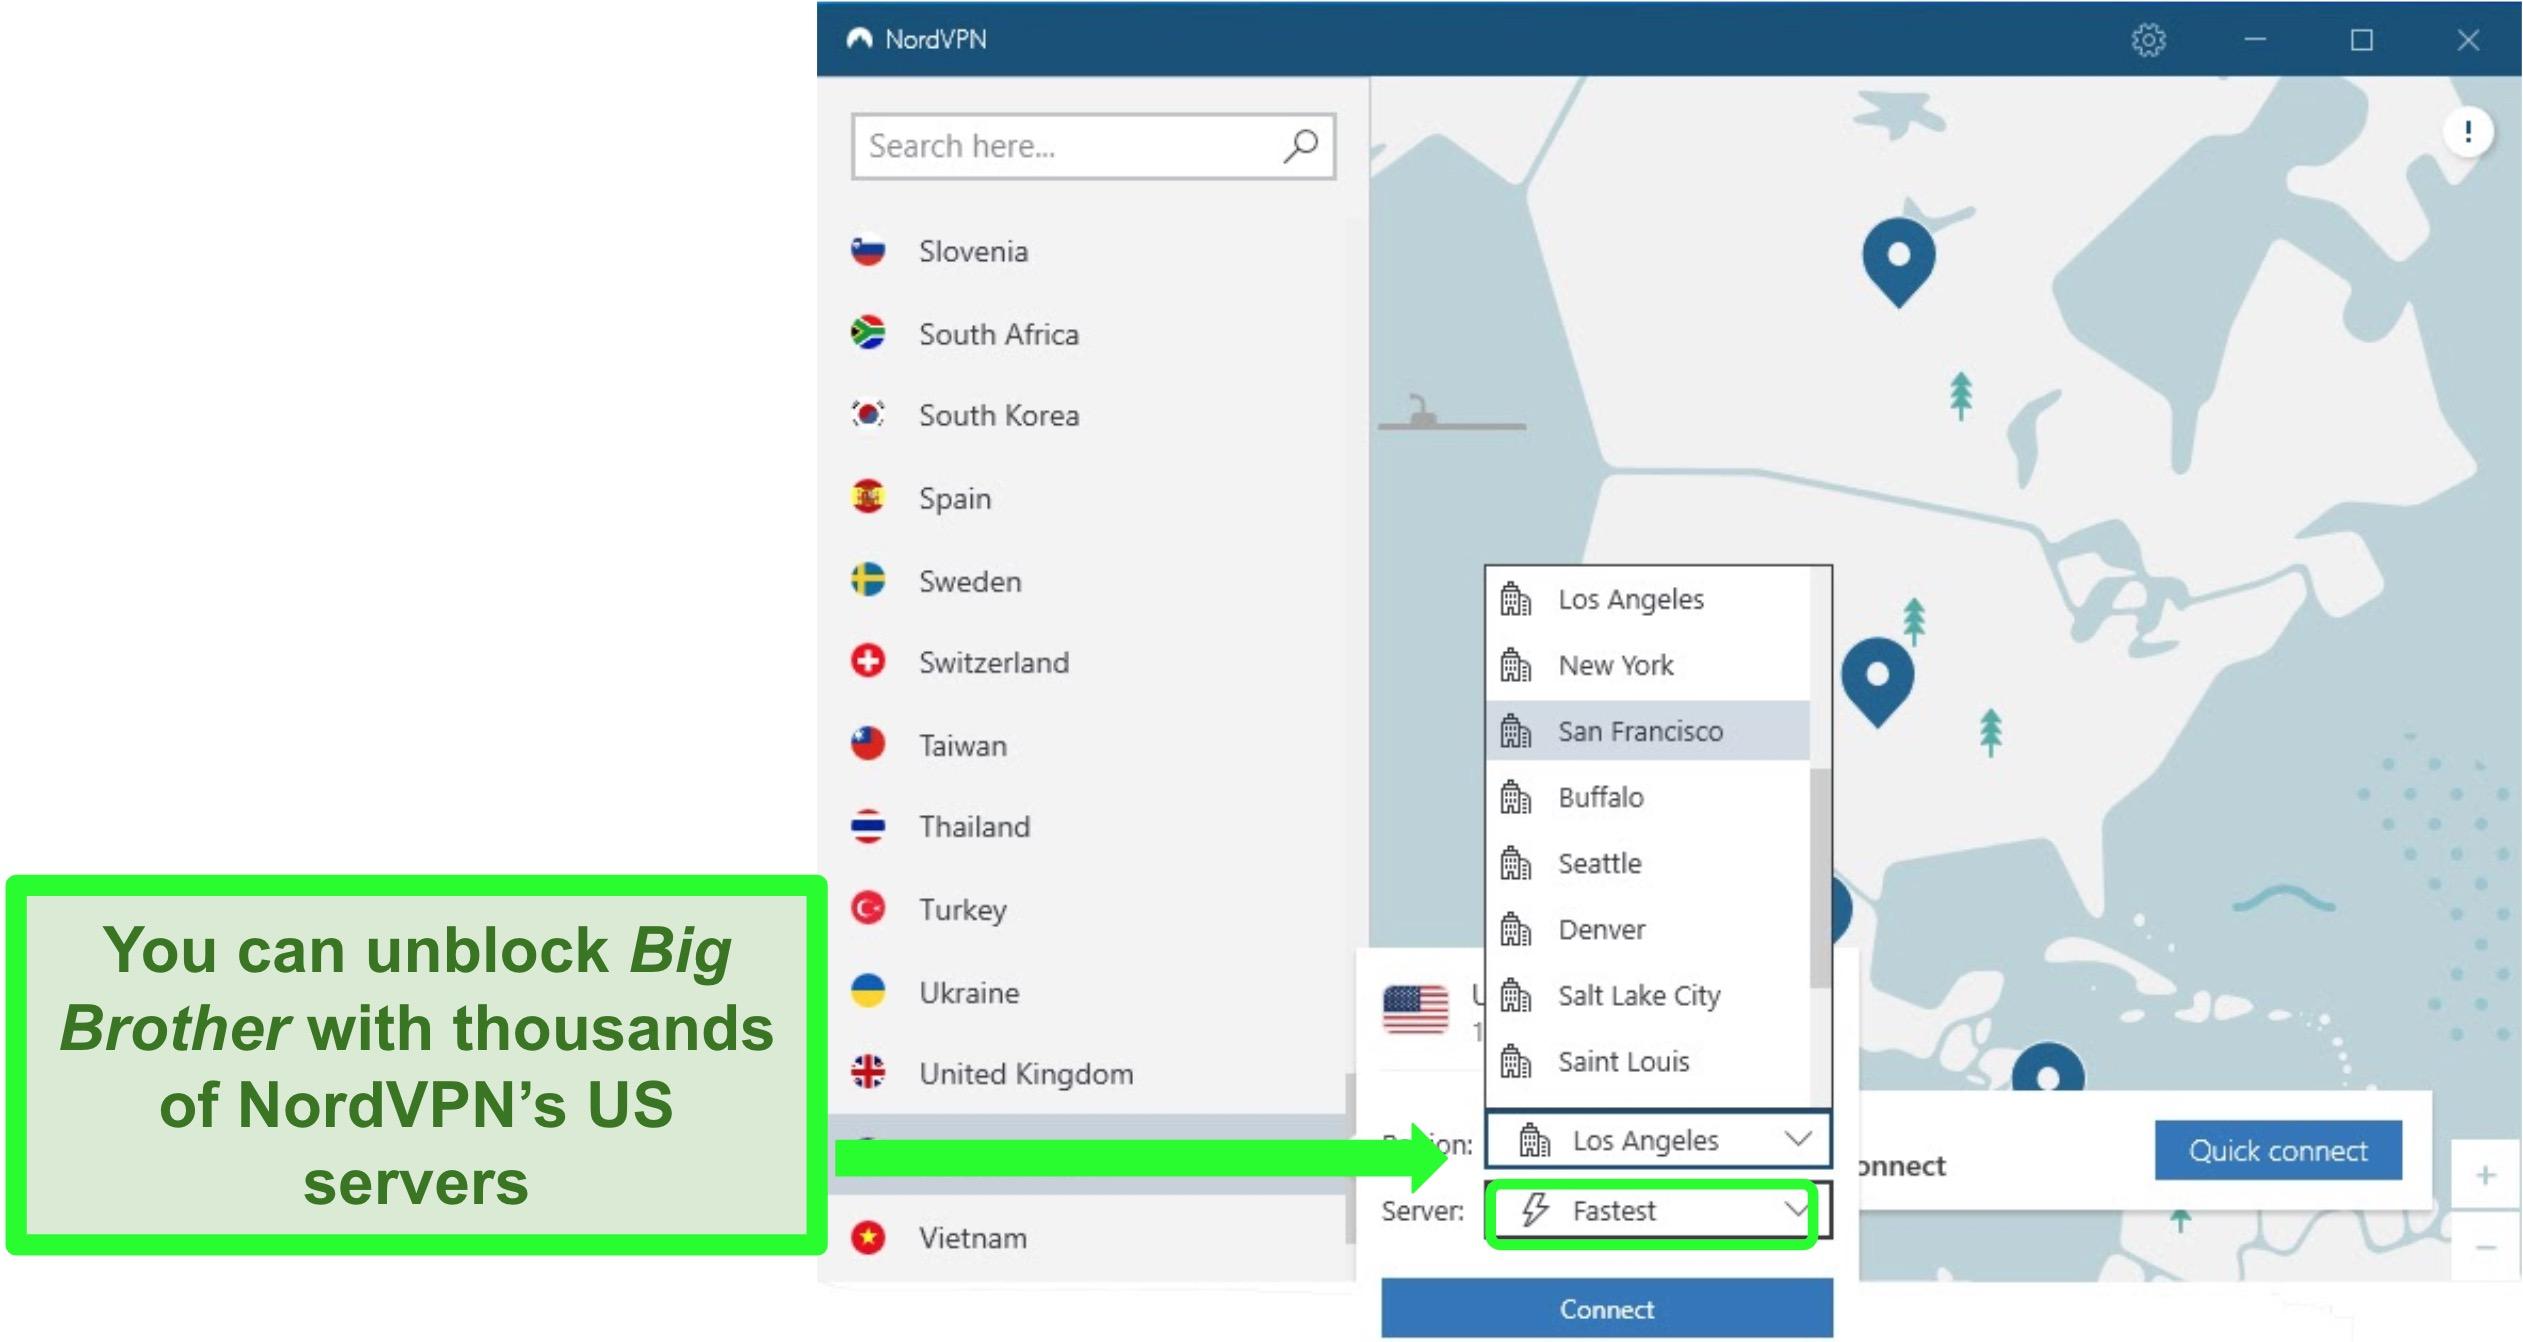 Screenshot of NordVPN's server options in the US